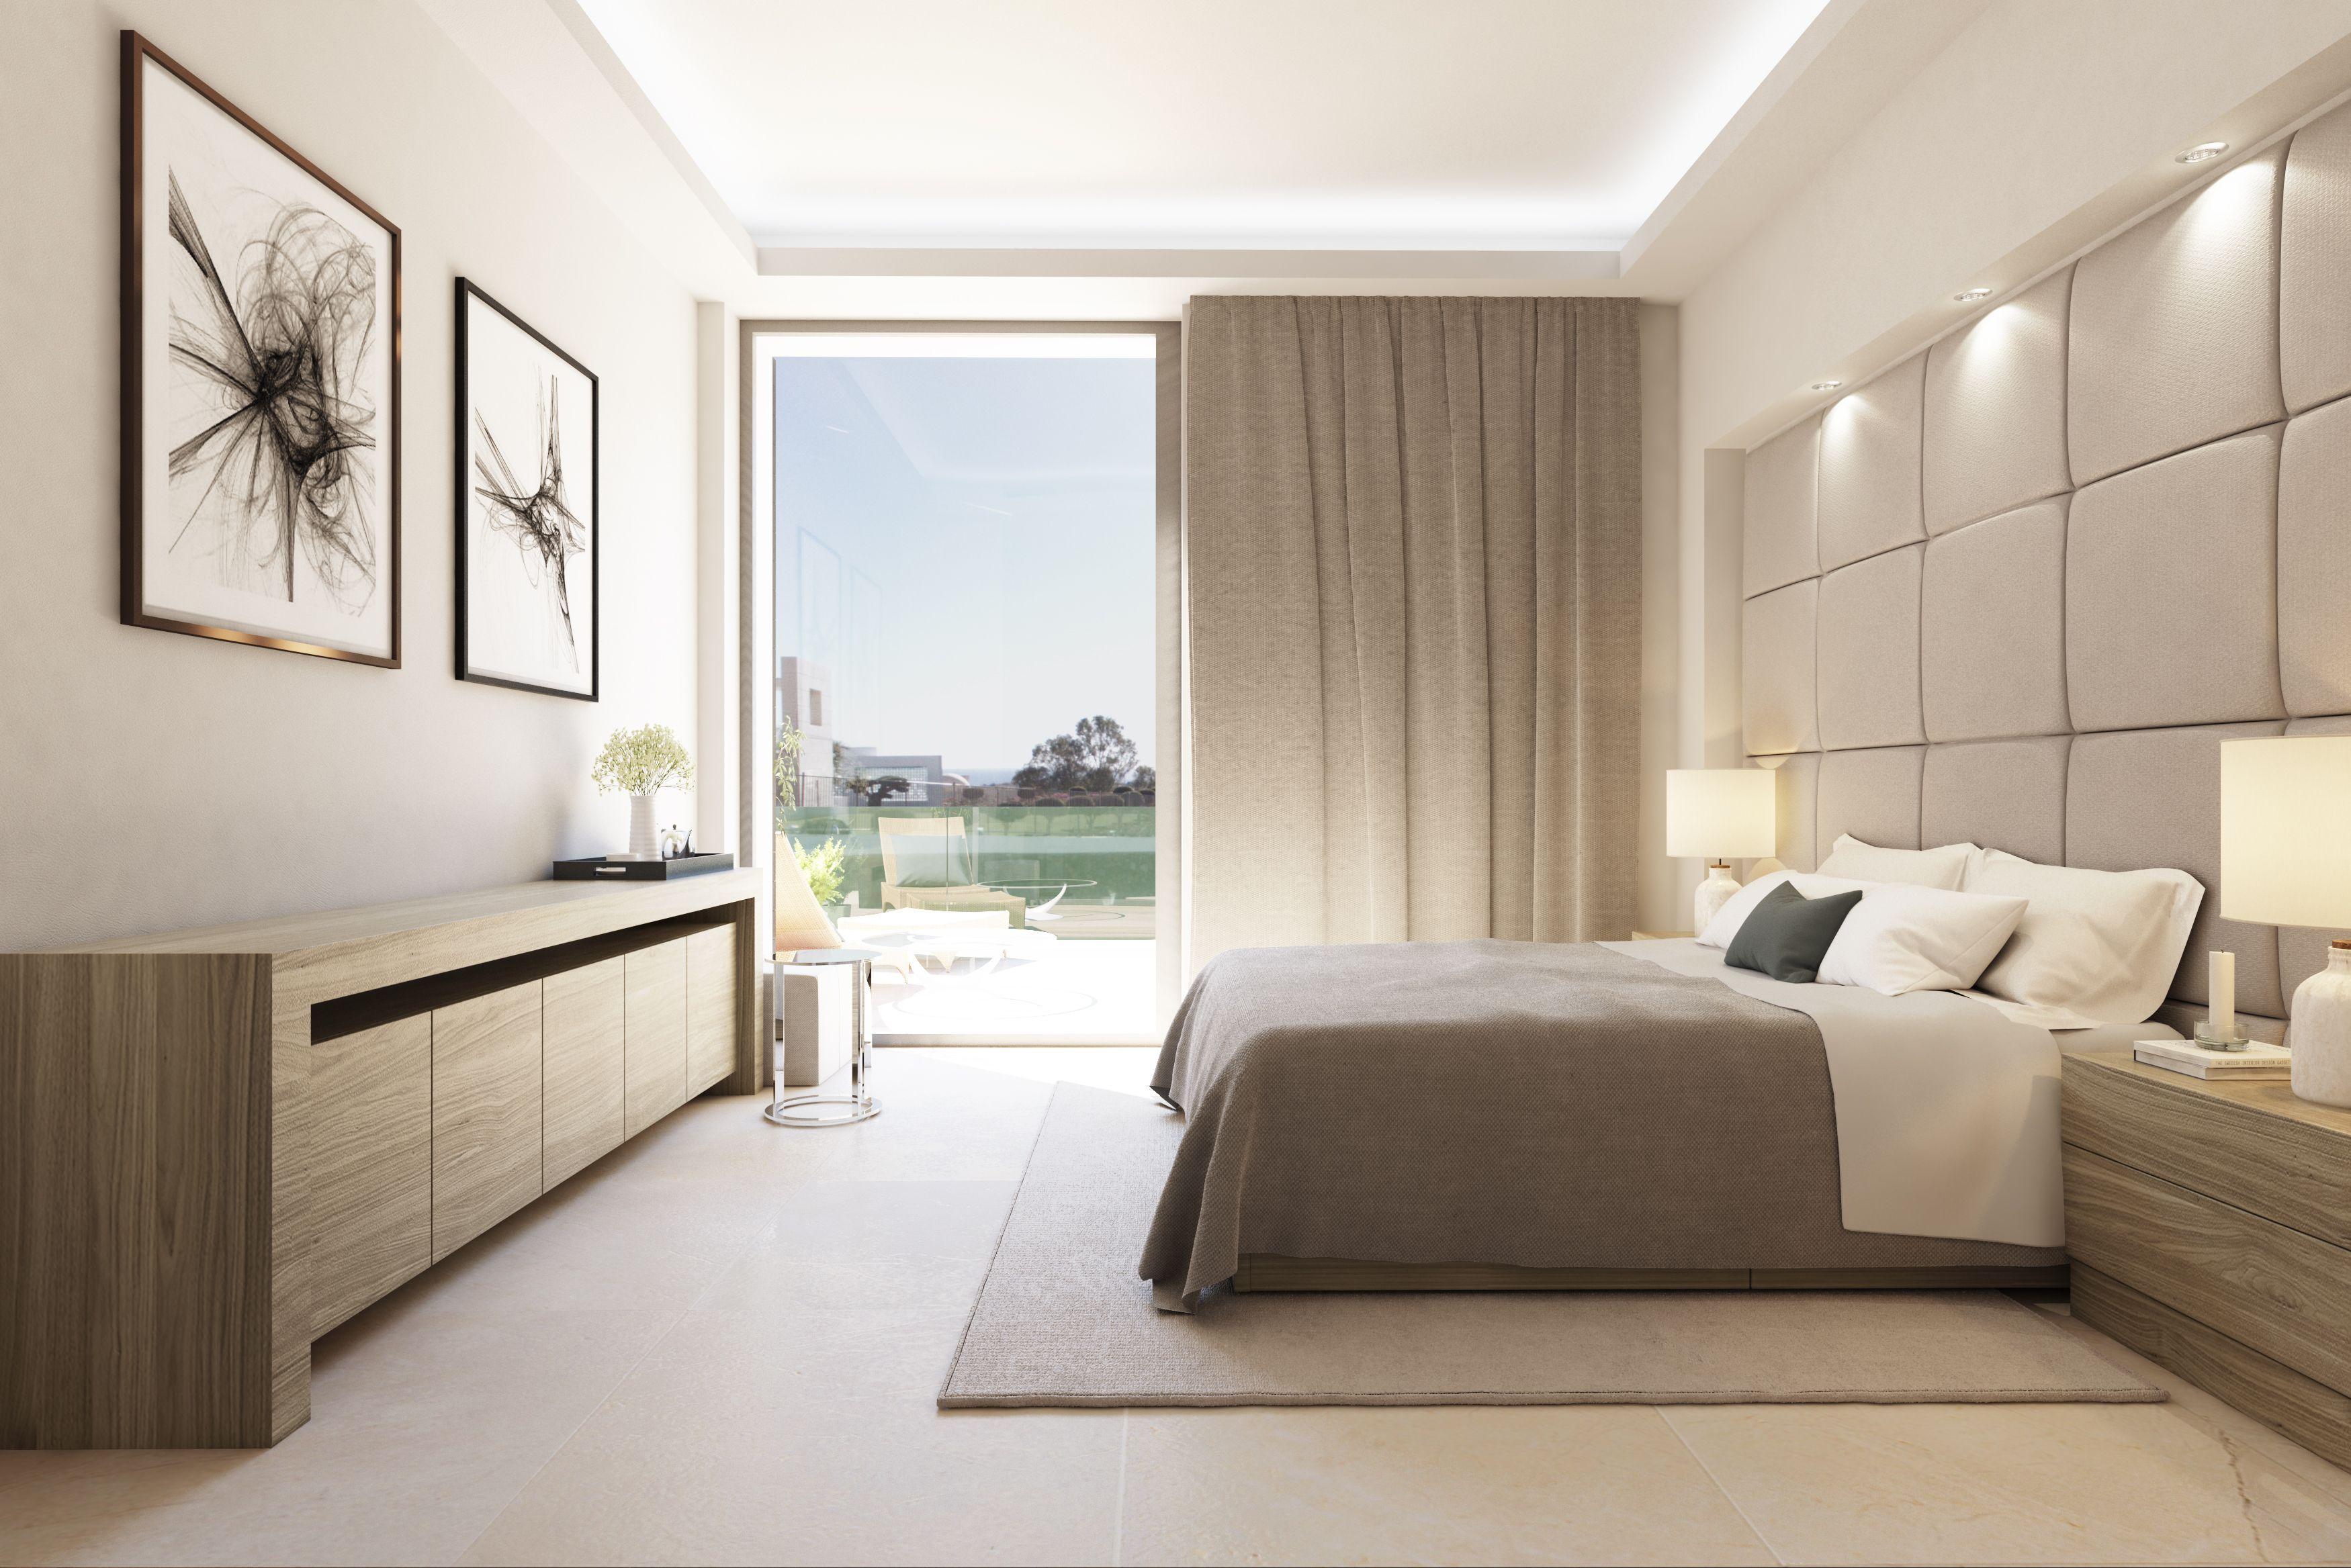 dormitorio-diseño-interior-villa-119-marbella